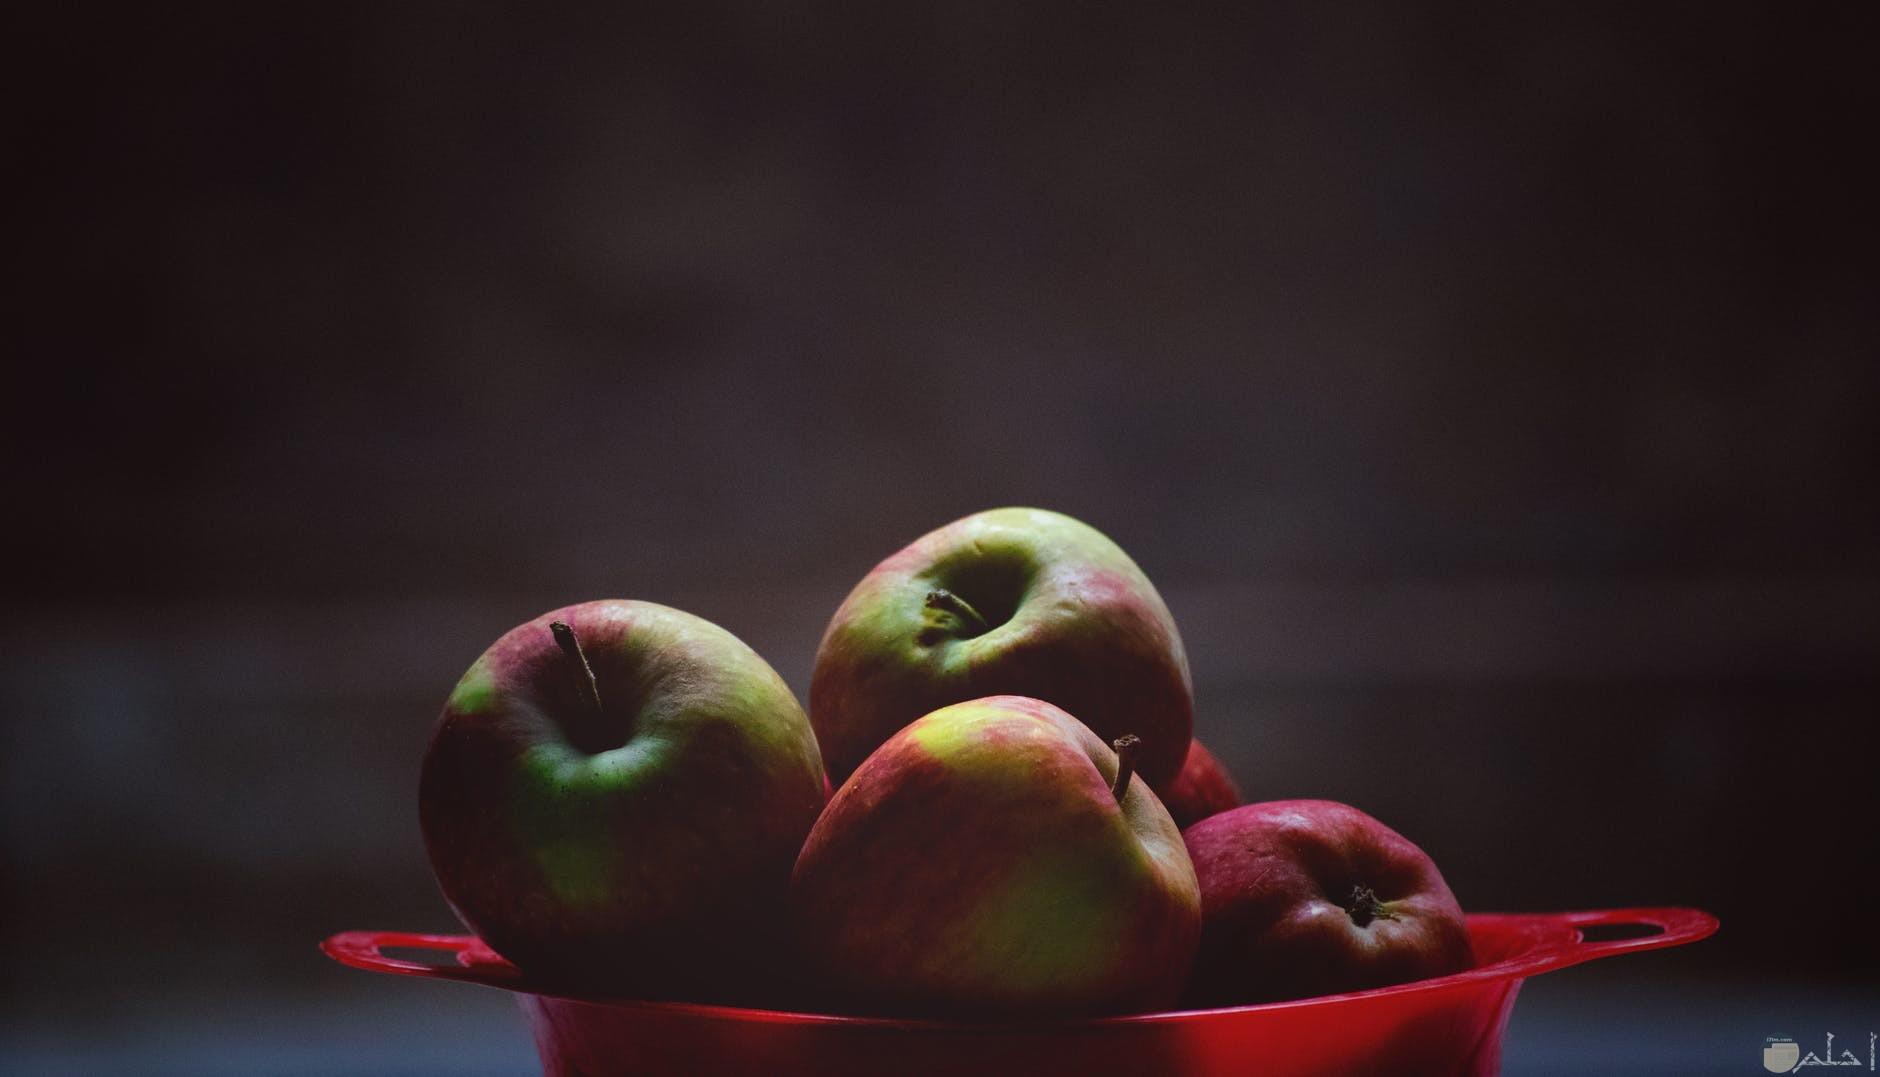 مجموعة من التفاح في طبق تقديم